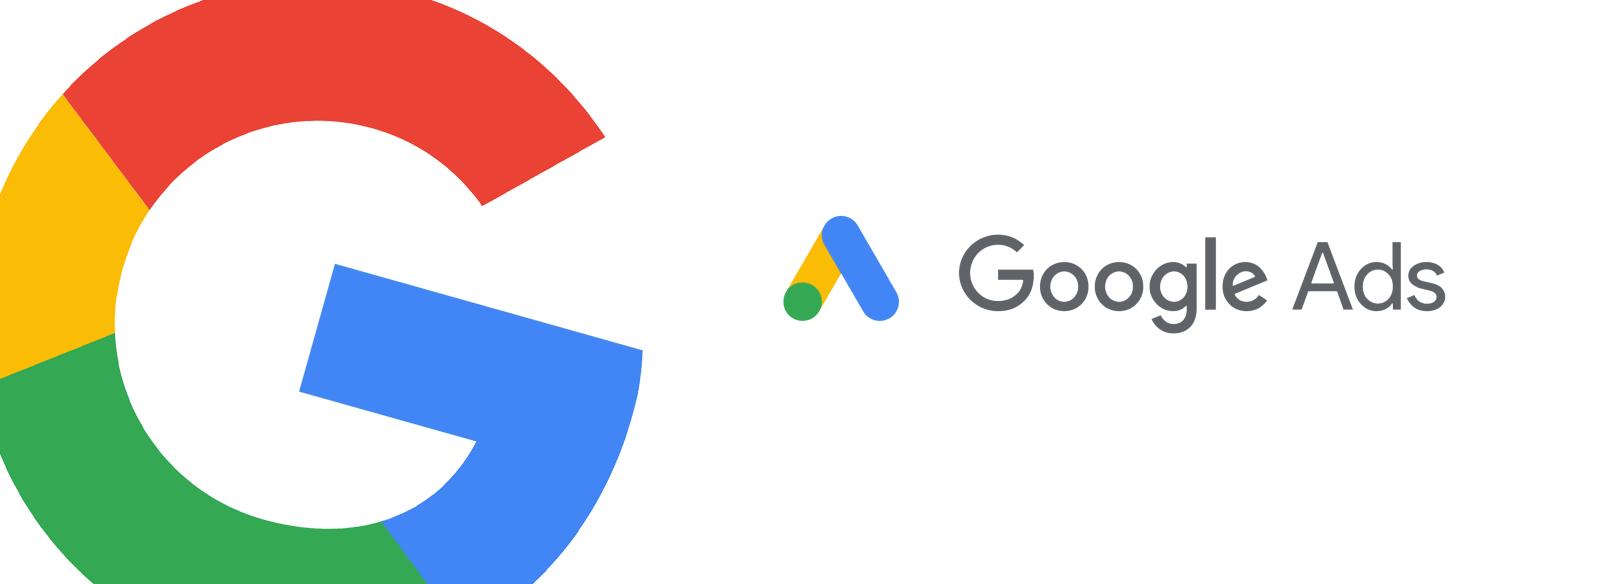 GoogleAds 1600x584 1 - Google ADS Reklamcılığı